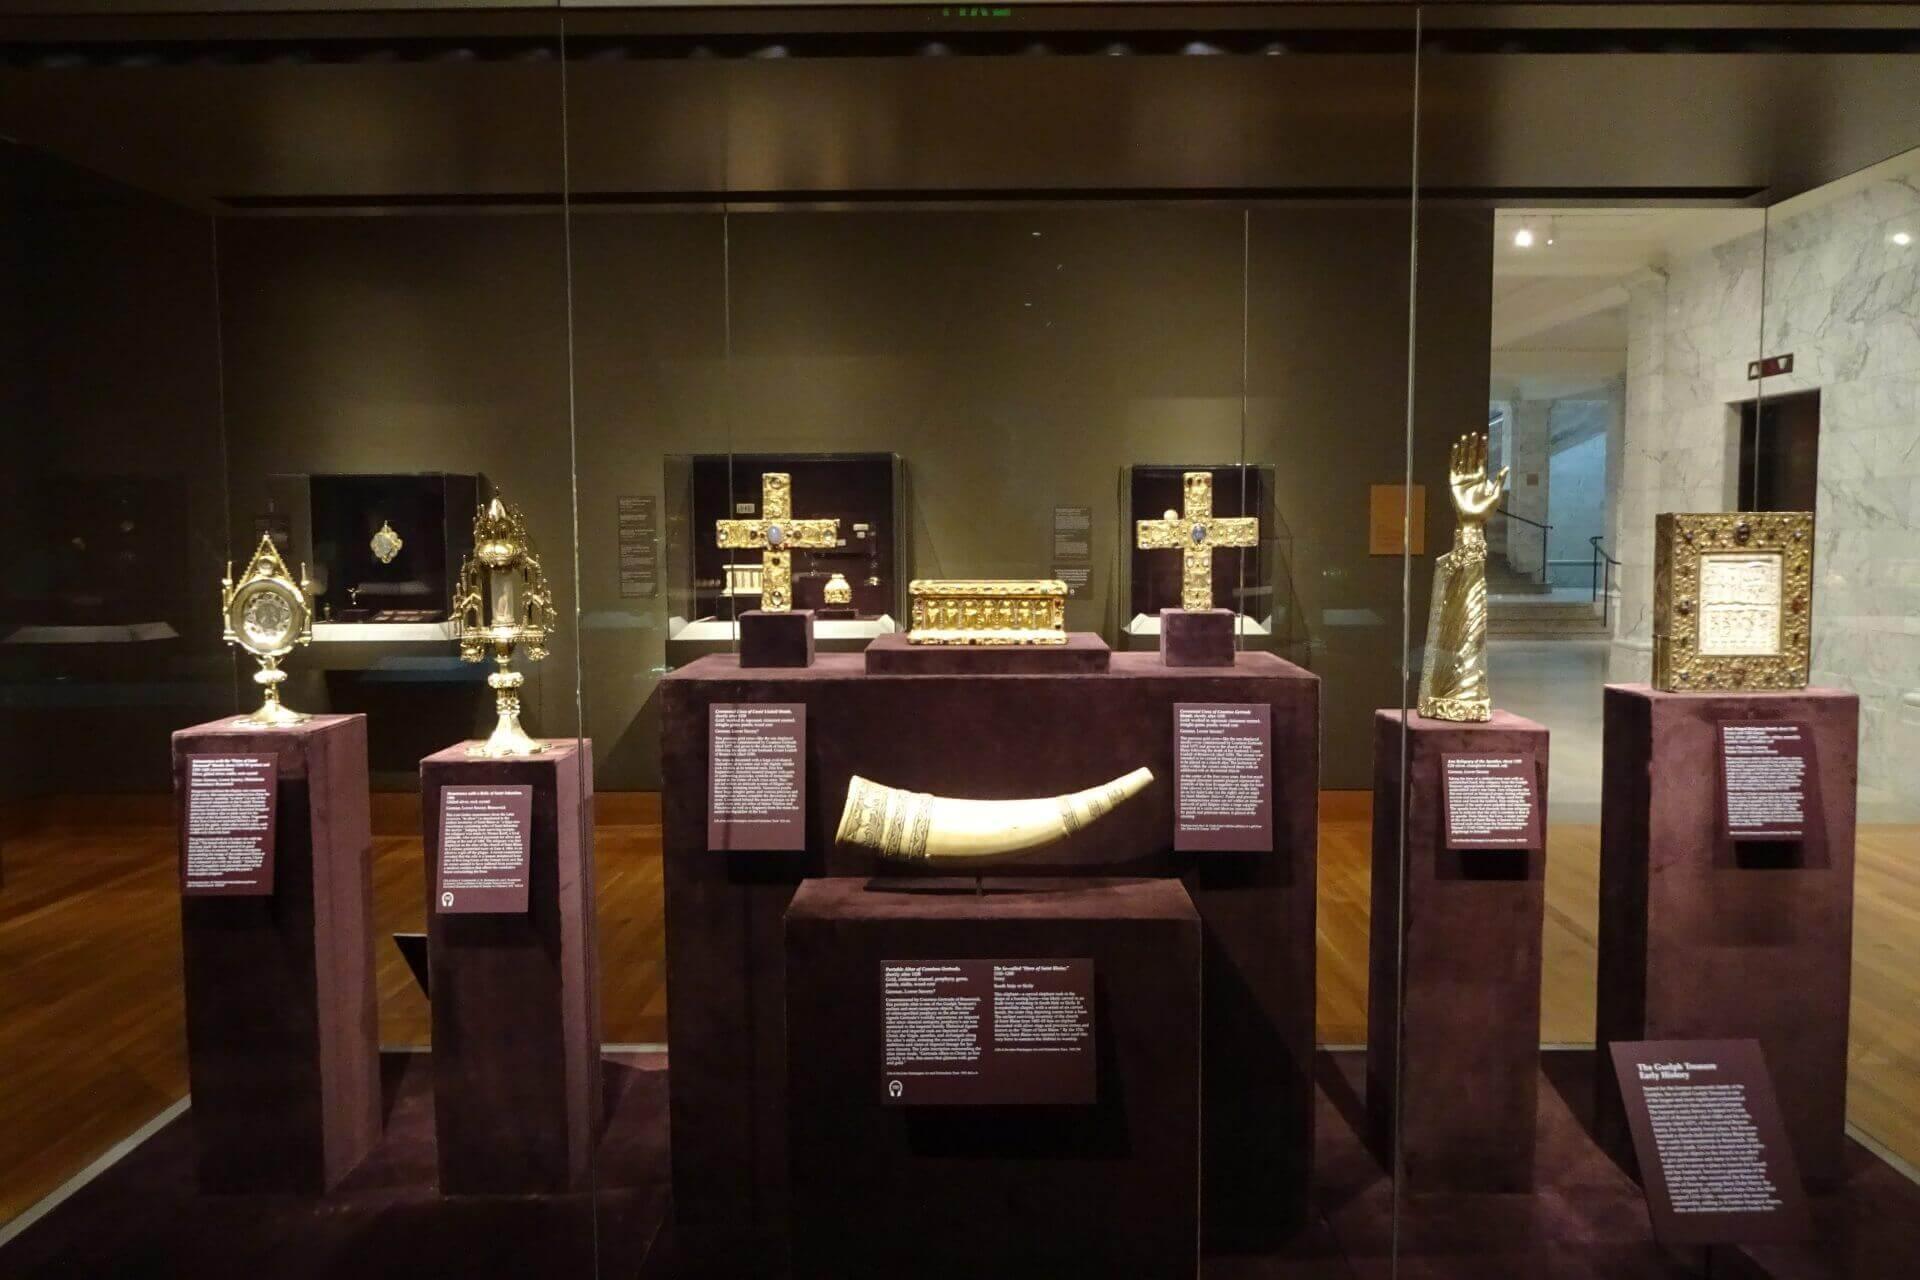 Gold im Cleveland Art Museum. Bilder und Eindrücke aus Cleveland, Ohio, United States.